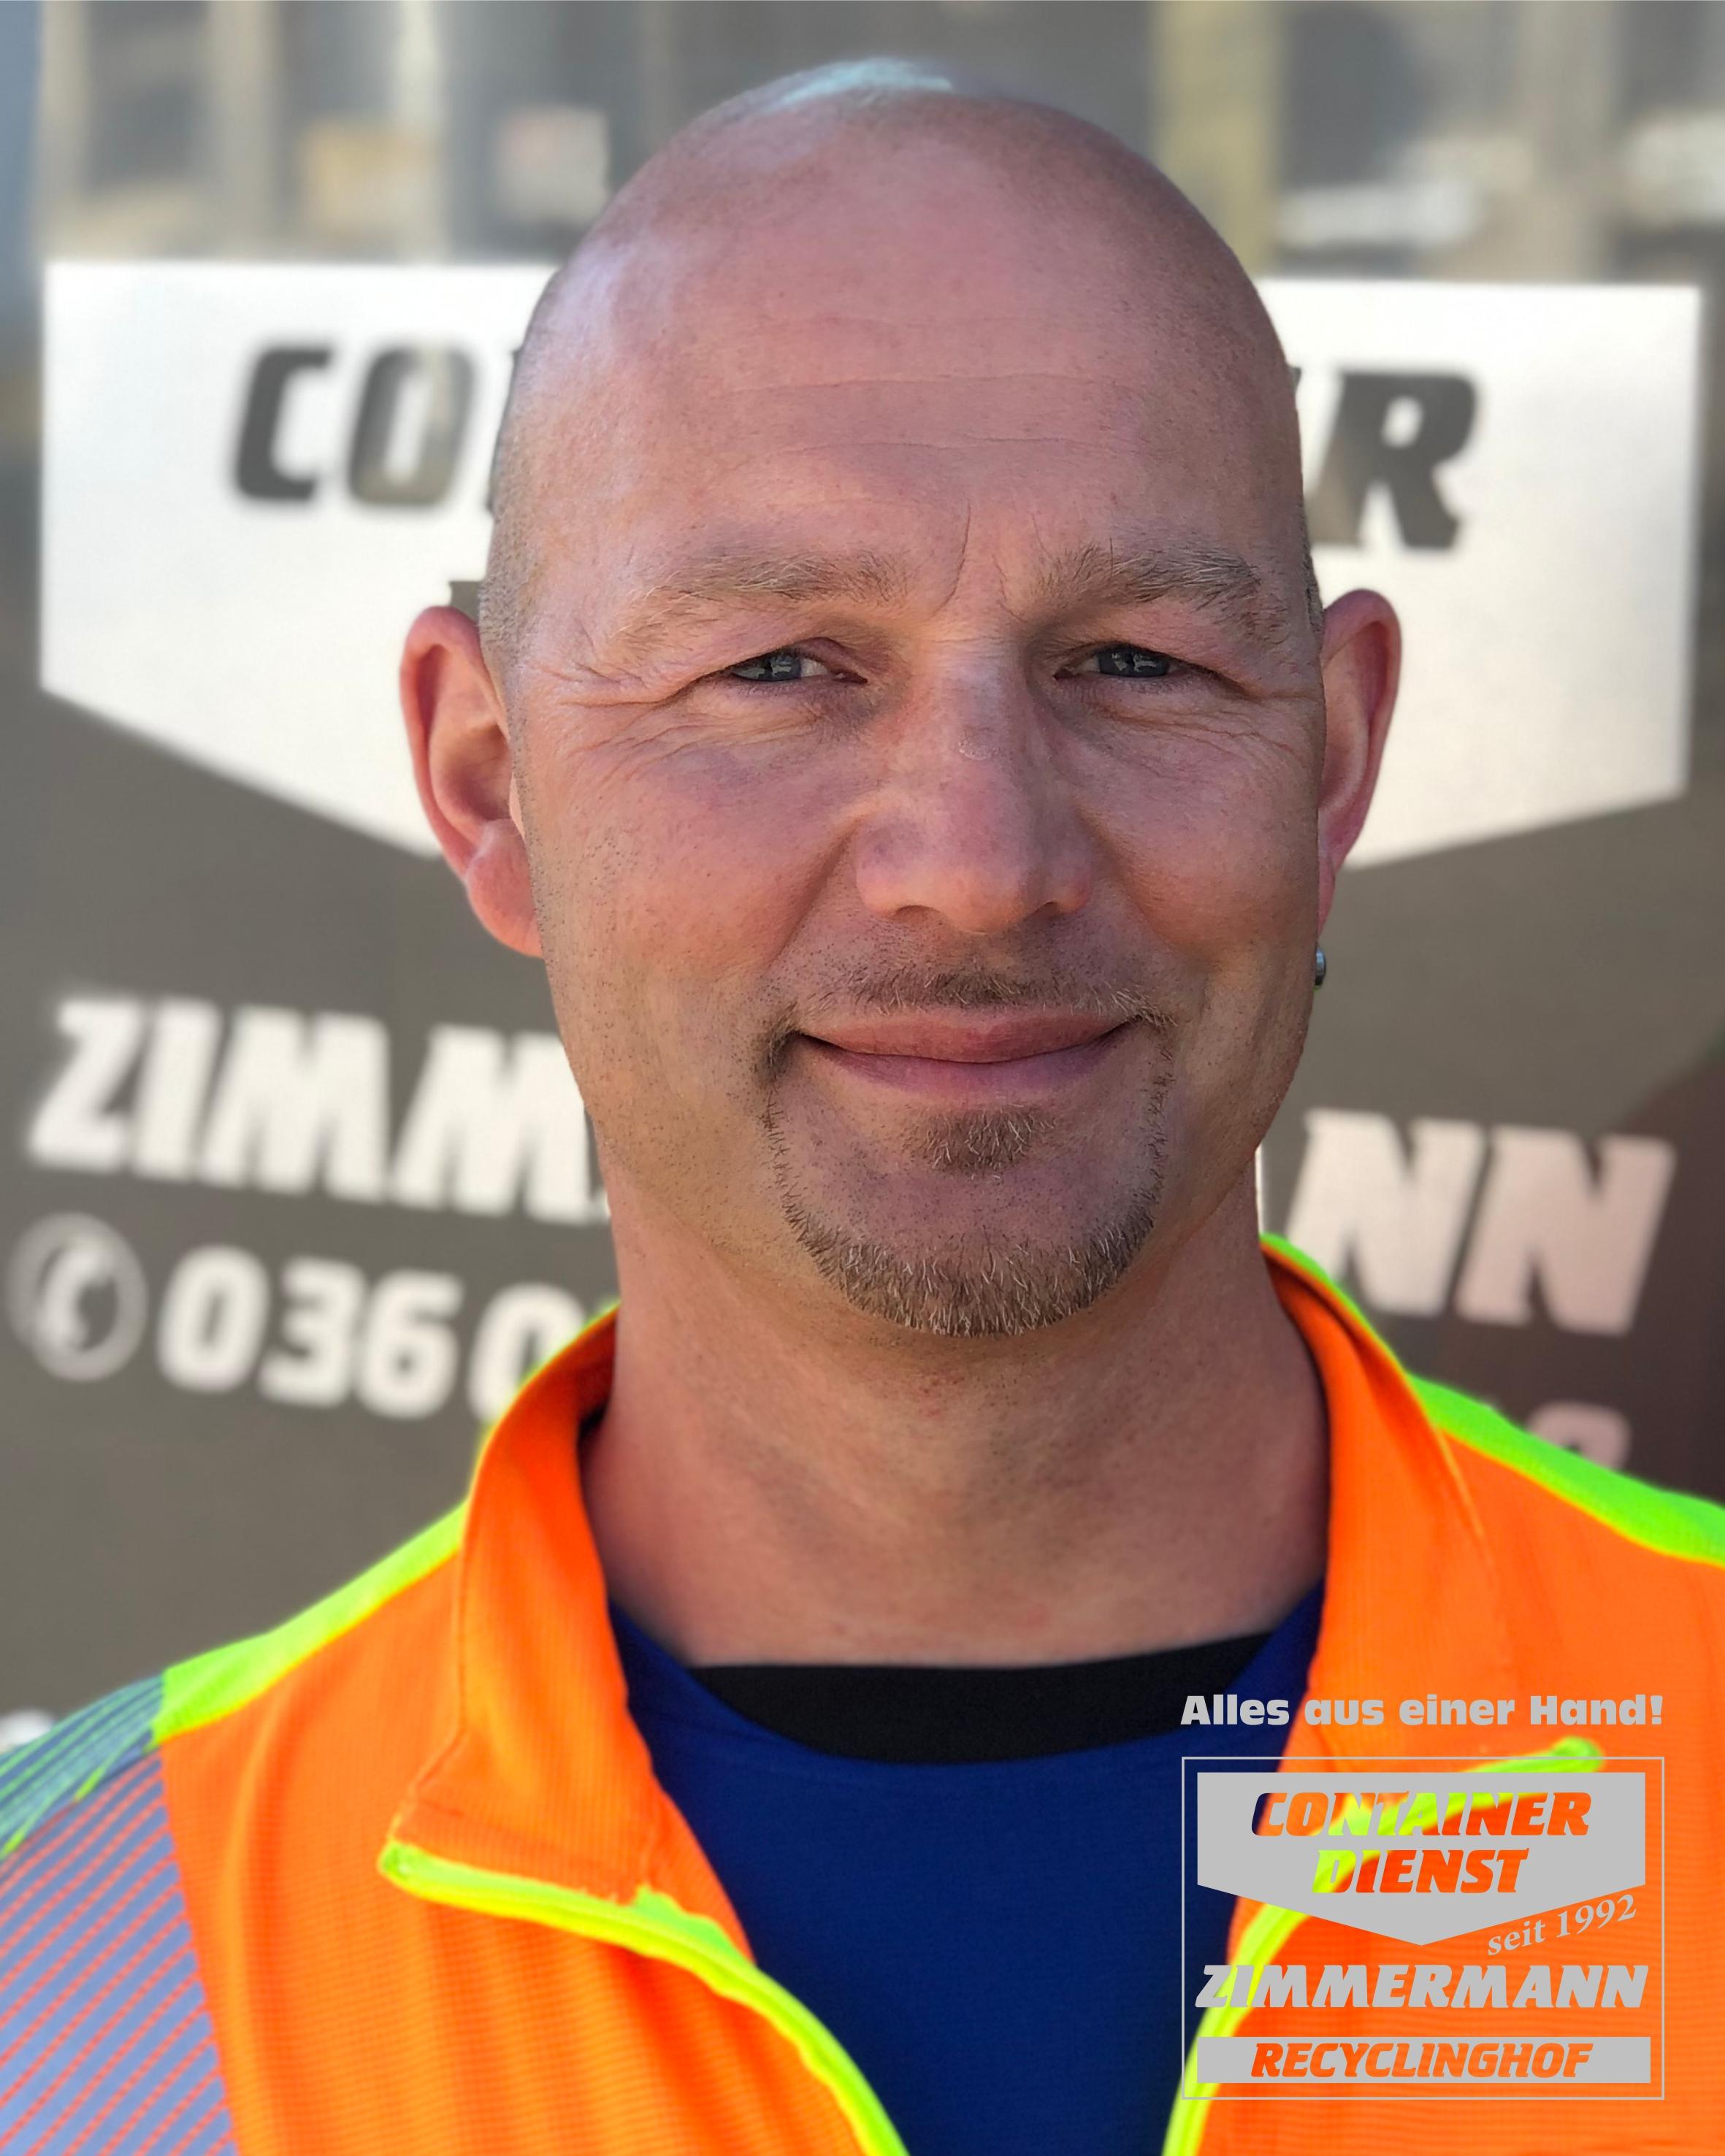 Dirk Bochmann